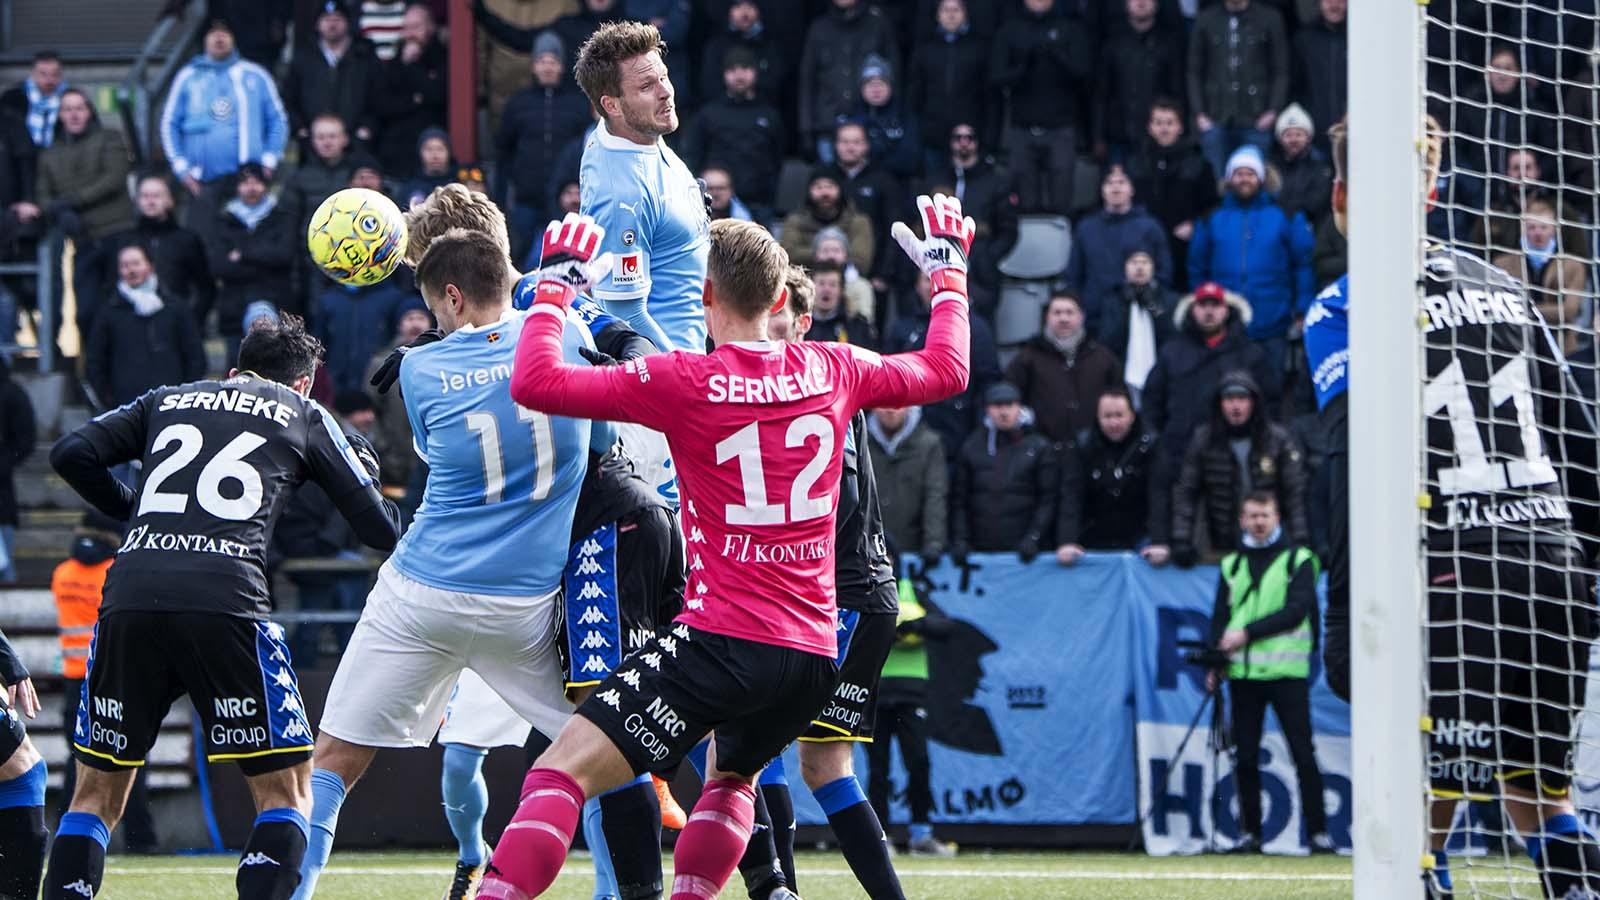 180310 Malmö FFs Lasse Nielsen nickar bollen framför IFK Göteborgs målvakt Pontus Dahlberg under fotbollsmatchen i Svenska Cupen mellan Malmö FF och IFK Göteborg den 10 mars 2018 i Malmö. Foto: Christian Örnberg / BILDBYRÅN / Cop 166